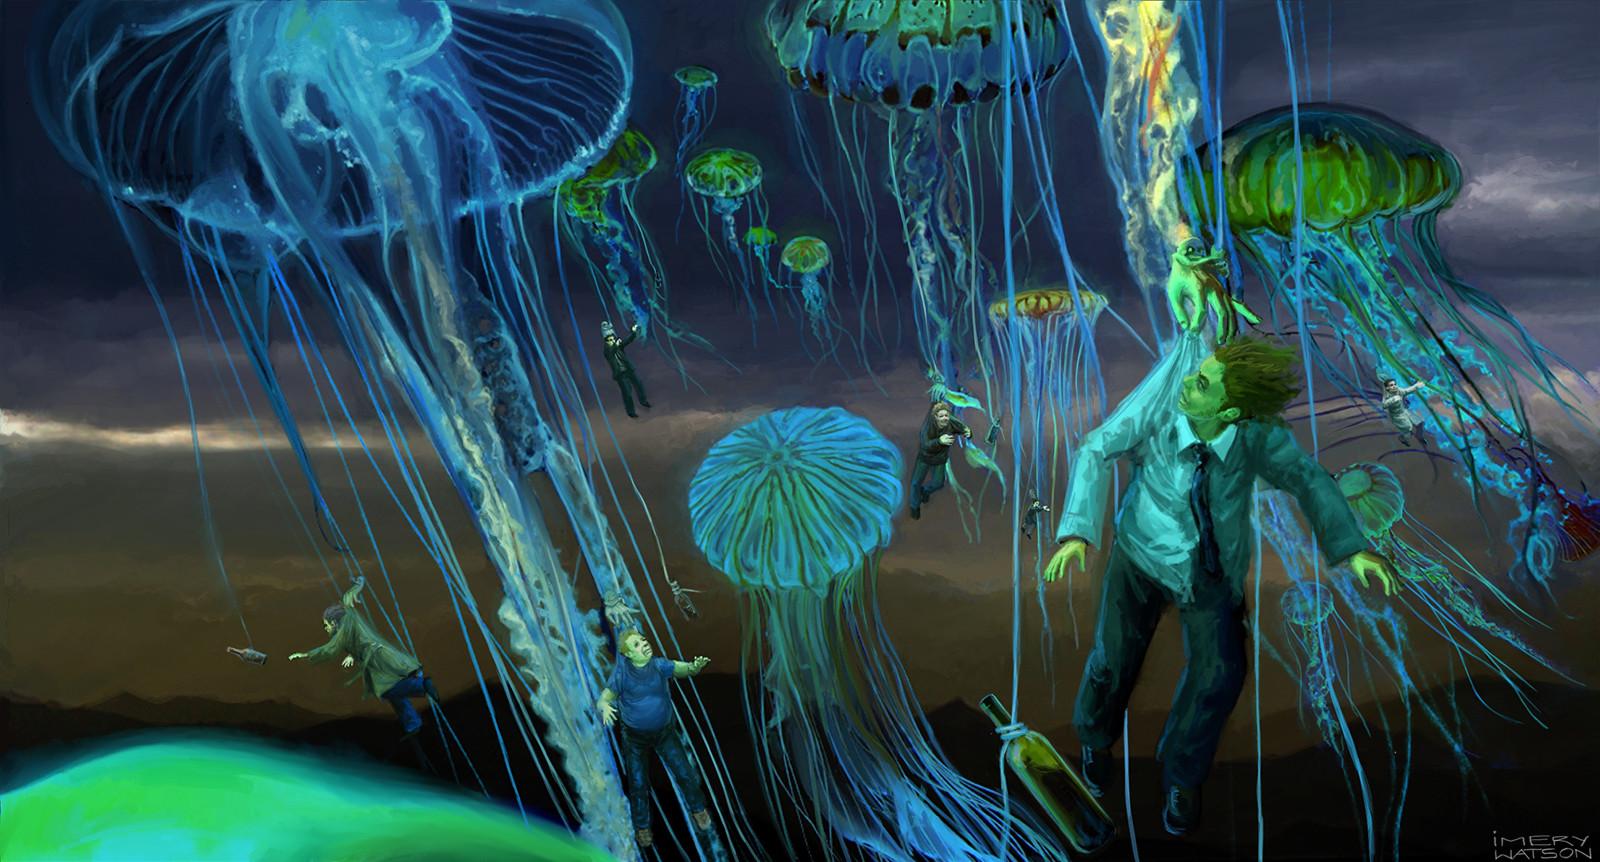 Imery watson parnasus2 jellyfish